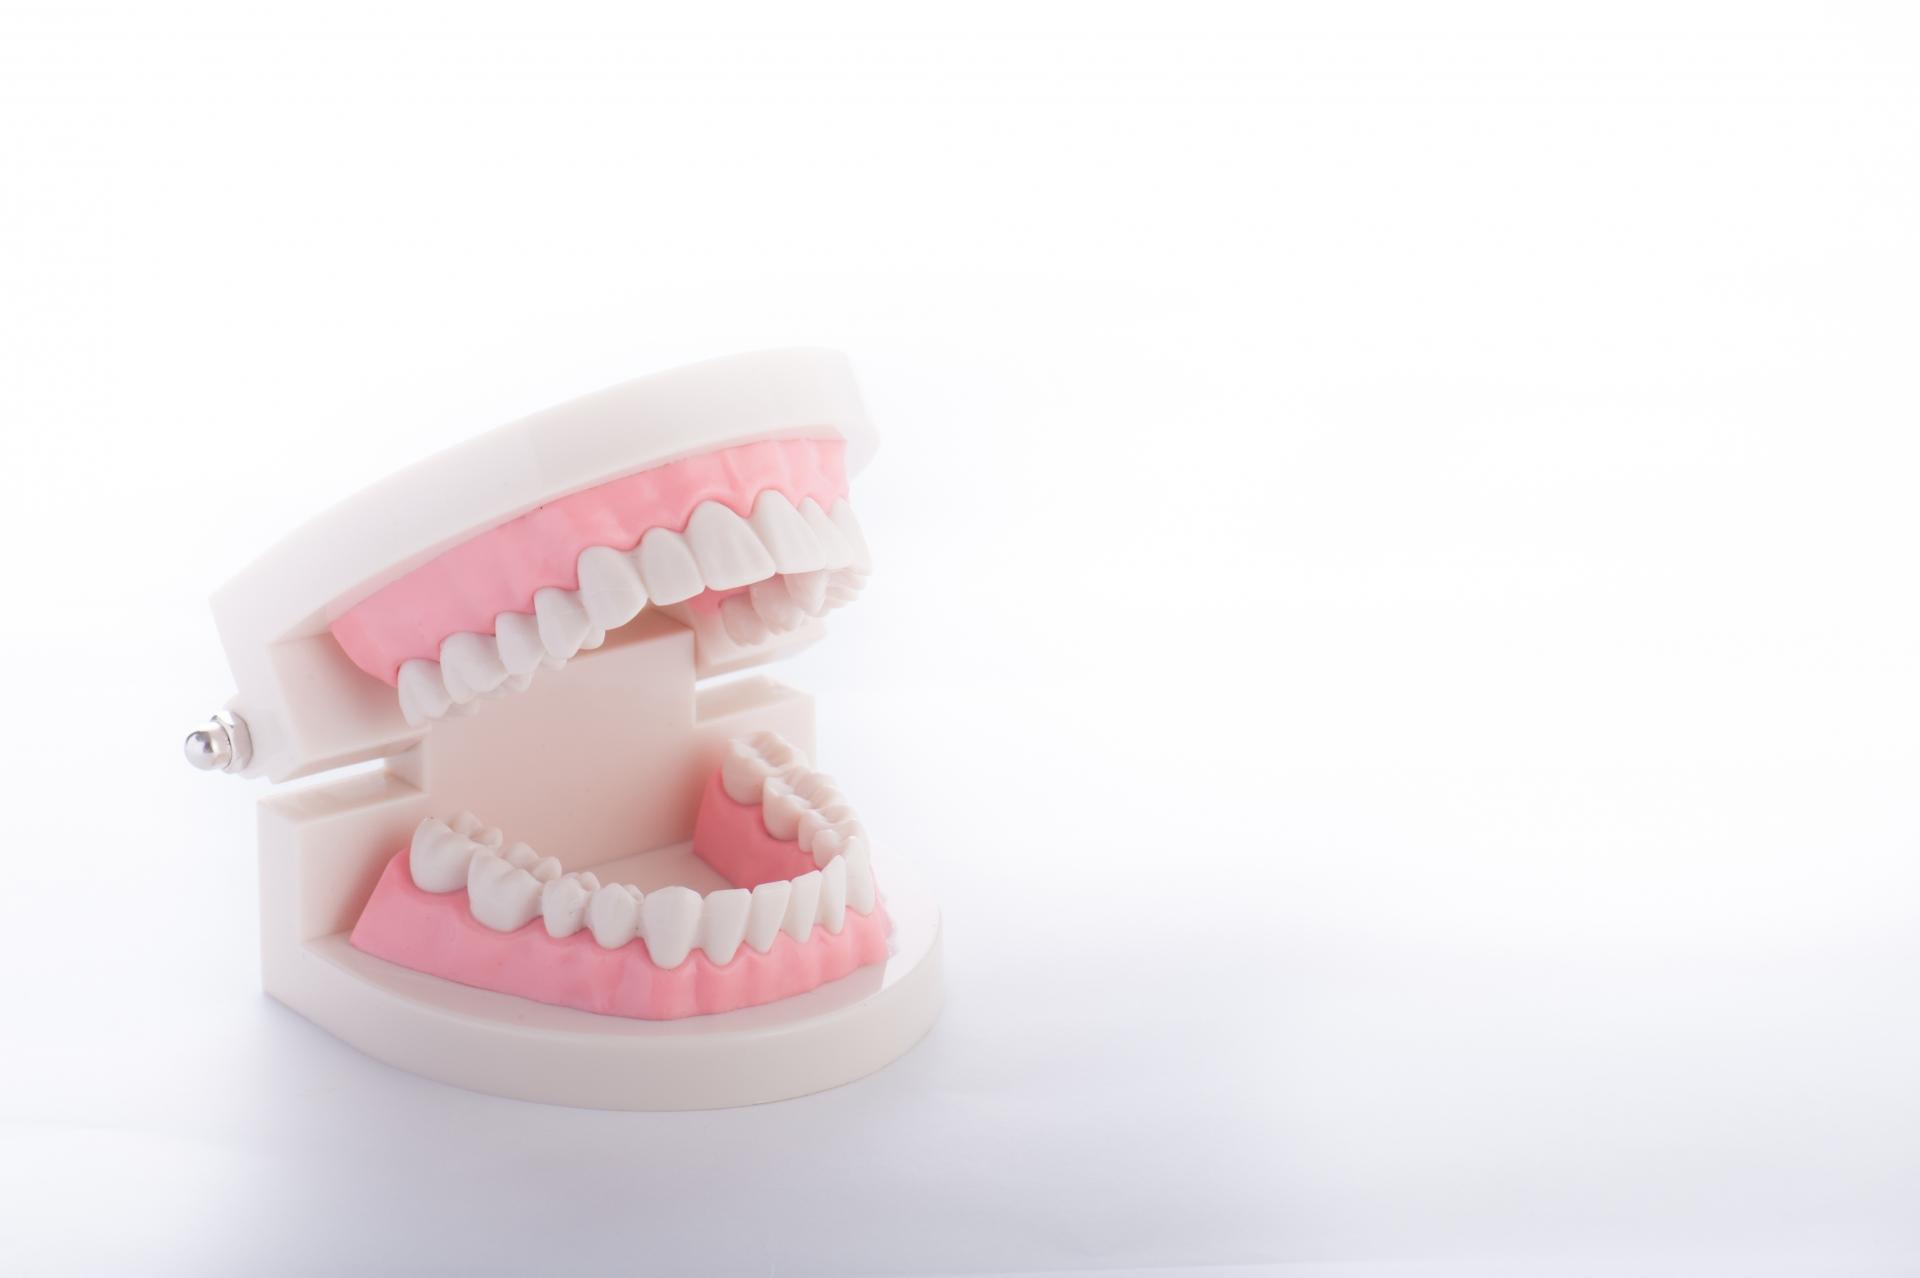 歯ぐきマッサージグッズのおすすめ6選【歯の健康のために】